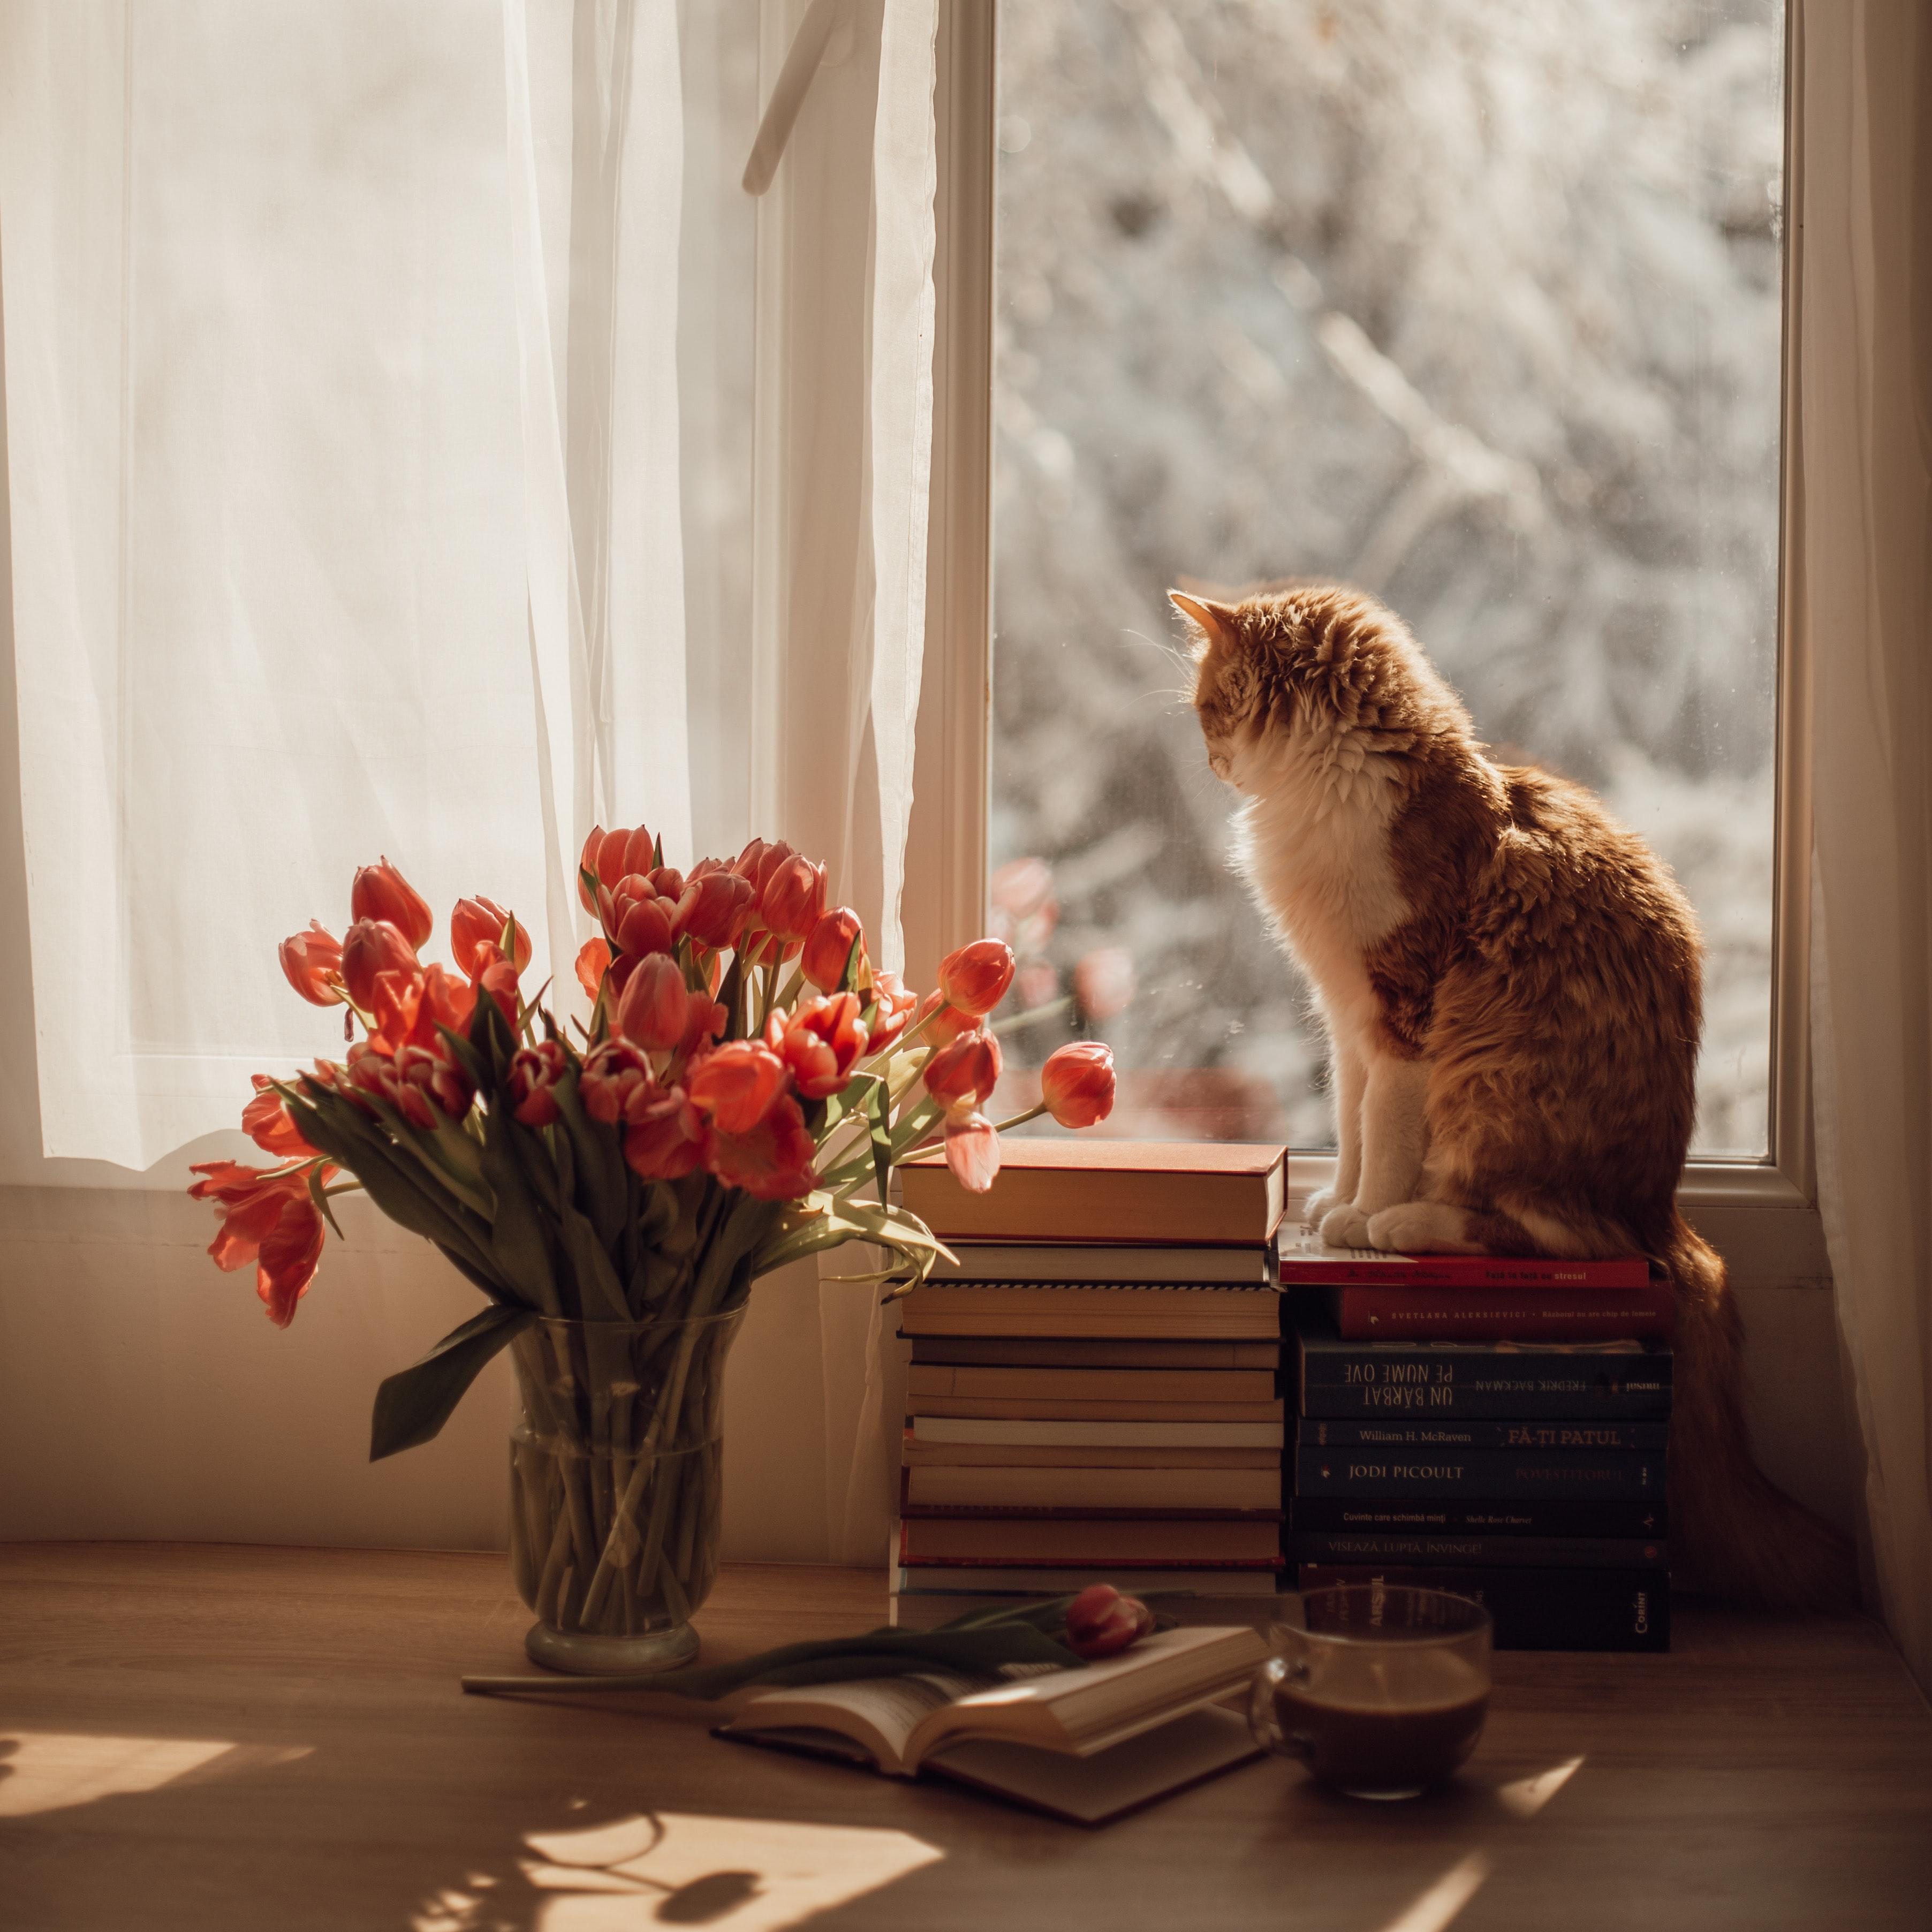 139231 скачать обои Окно, Животные, Цветы, Тюльпаны, Кот, Питомец - заставки и картинки бесплатно